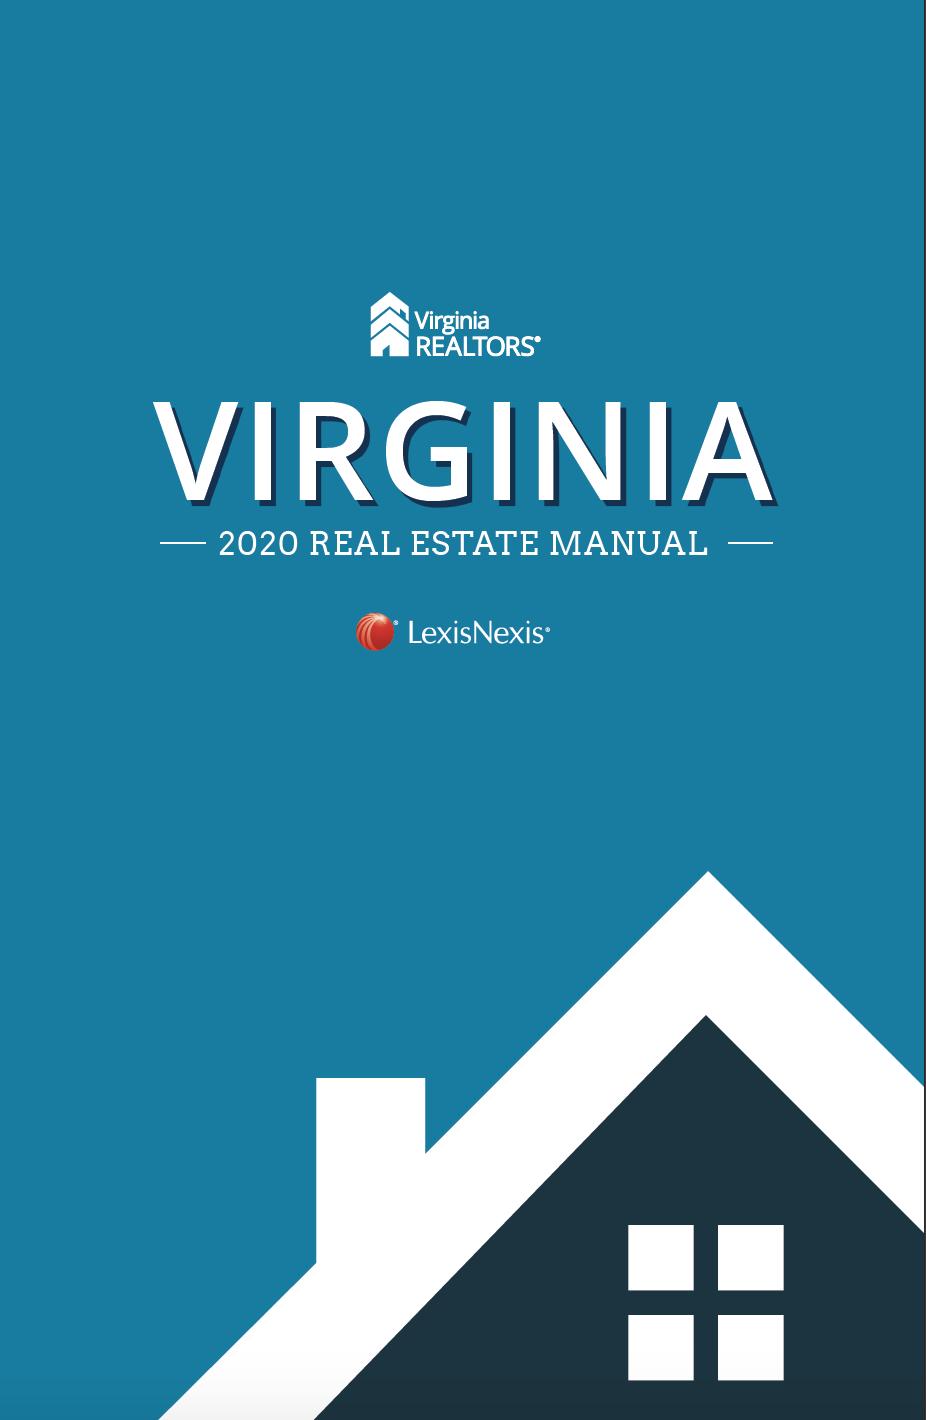 2020 Virginia Real Estate Manual